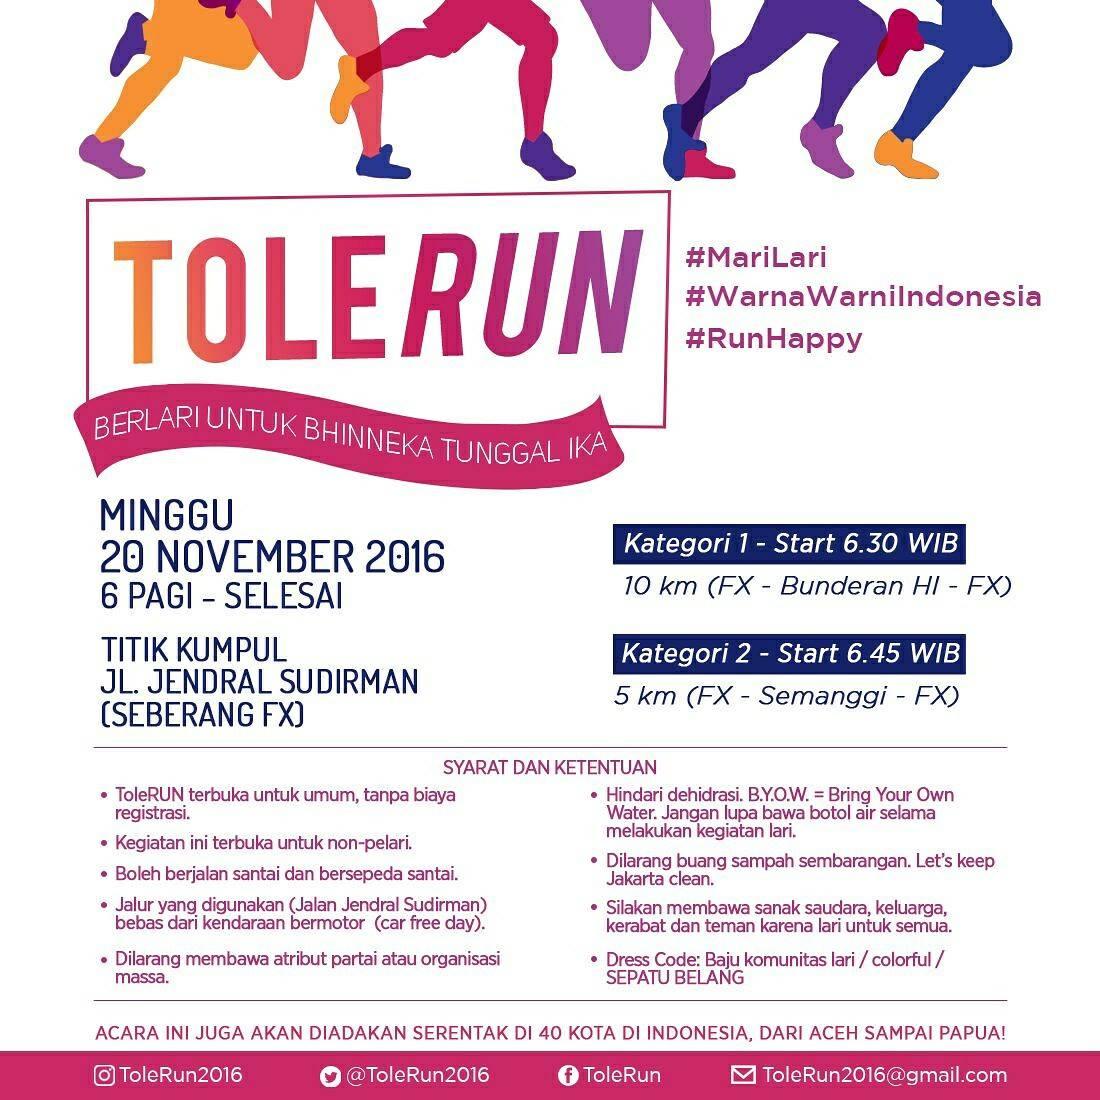 ToleRun 2016